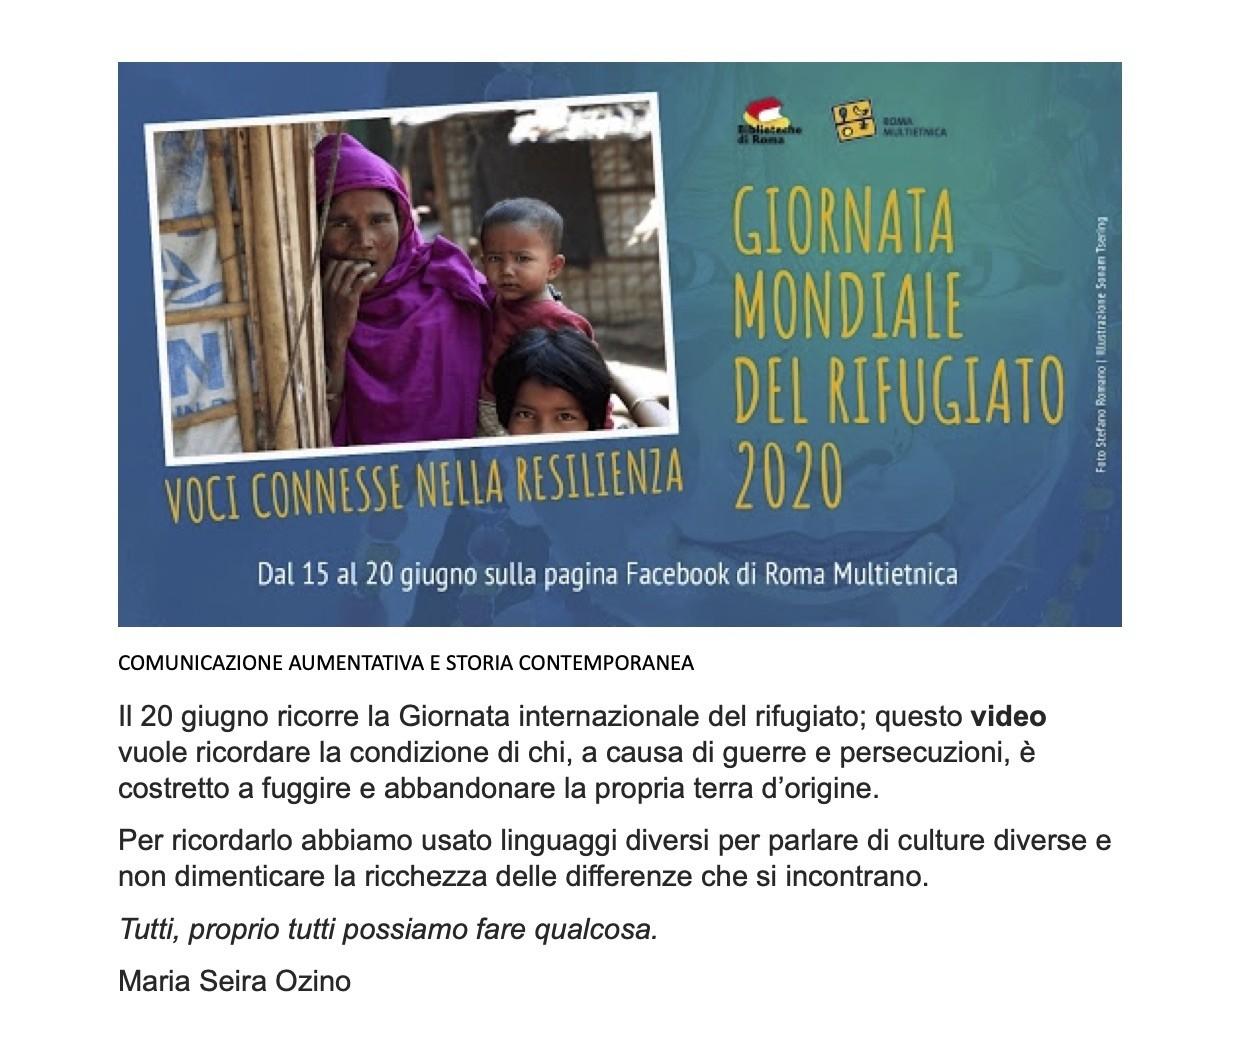 Maria Seira Ozino Rifugiati 2020